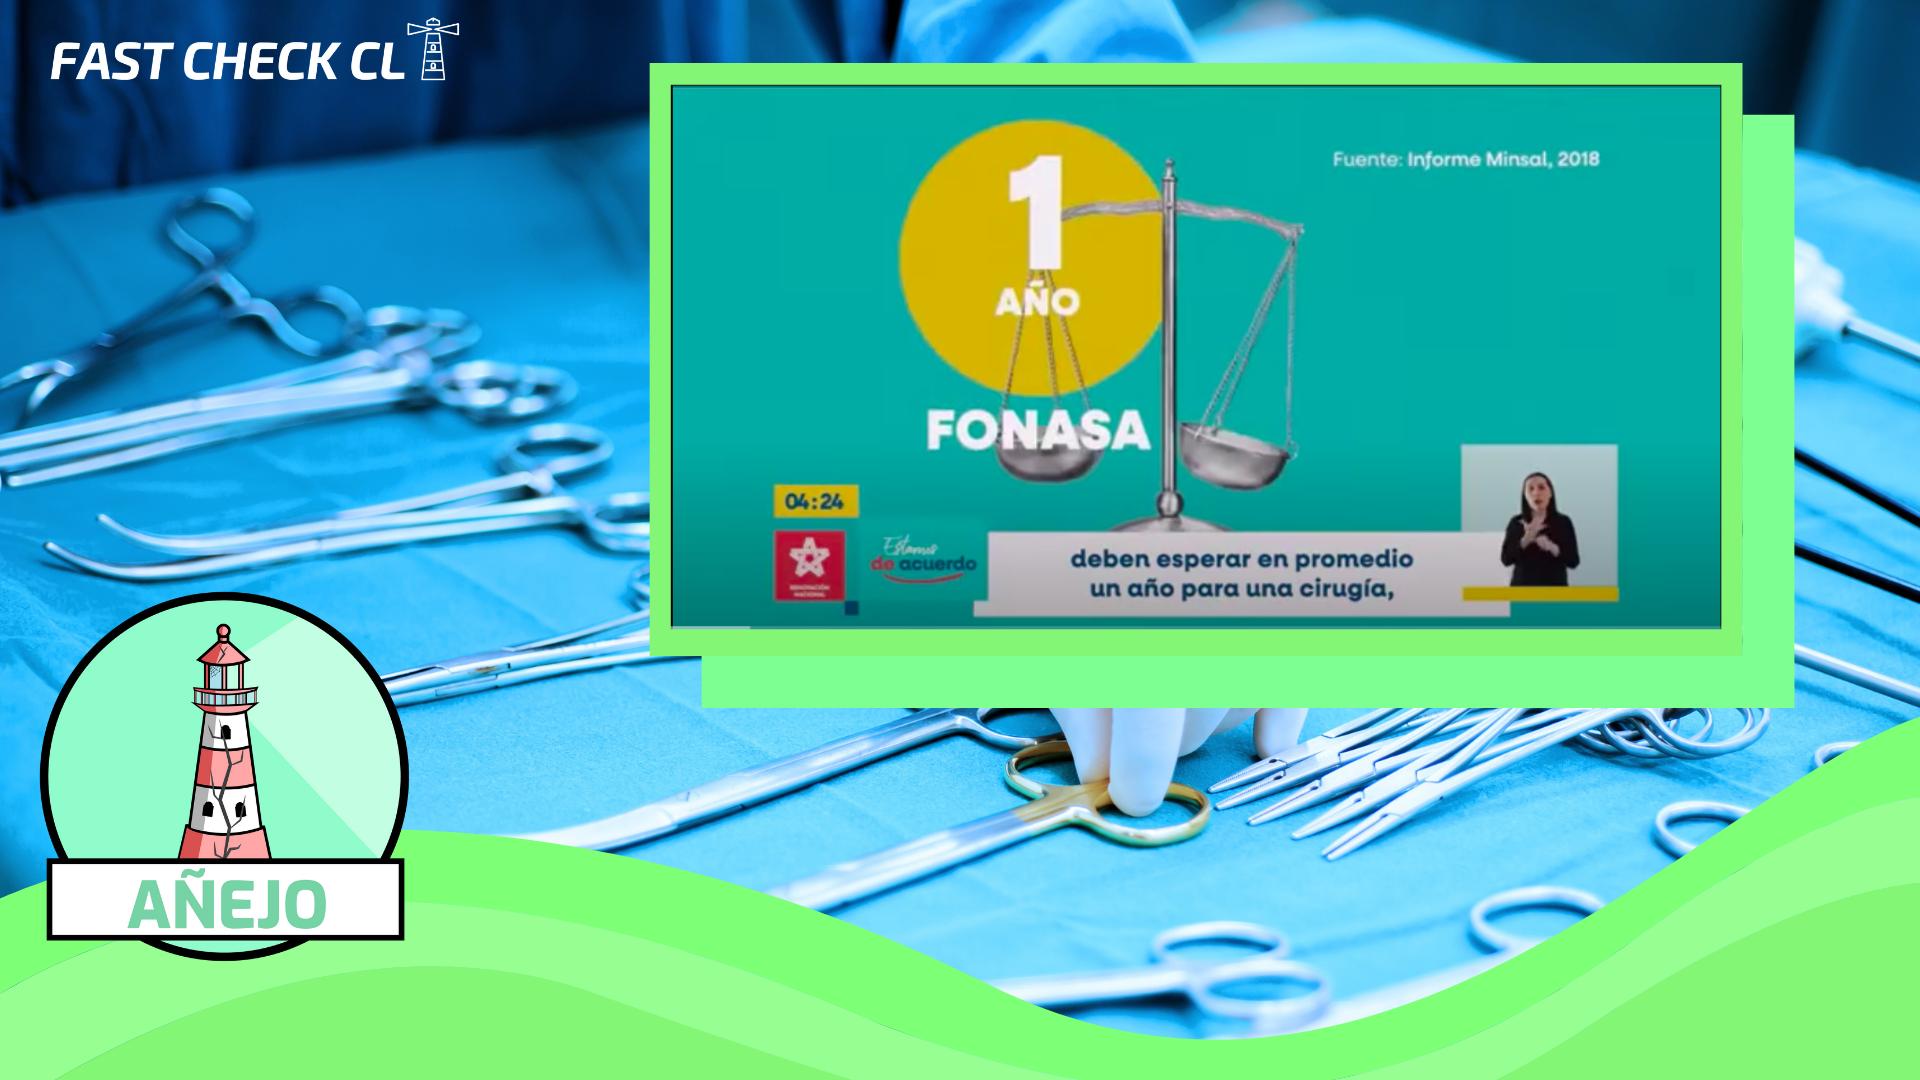 Franja Electoral de RN: «42% de los pacientes de Fonasa deben esperar un año una cirugía»: #Añejo